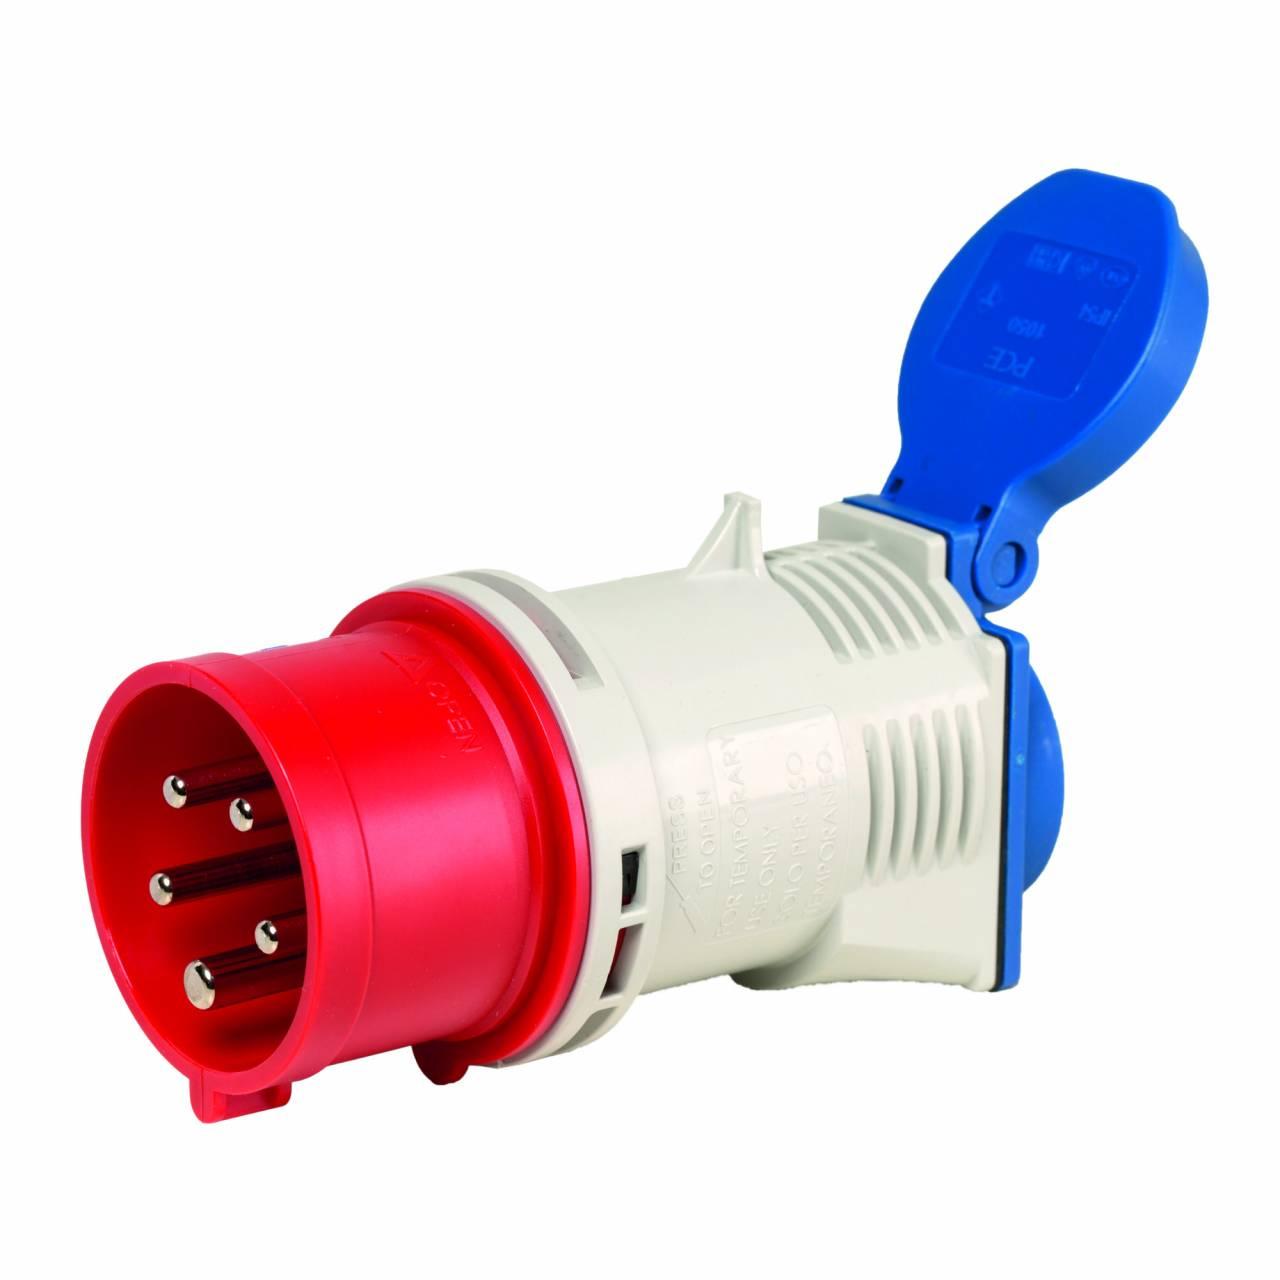 CEE-Adapter CEE-Stecker 5-polig 400V / 16A auf Schuko-Dose 230V / 16A